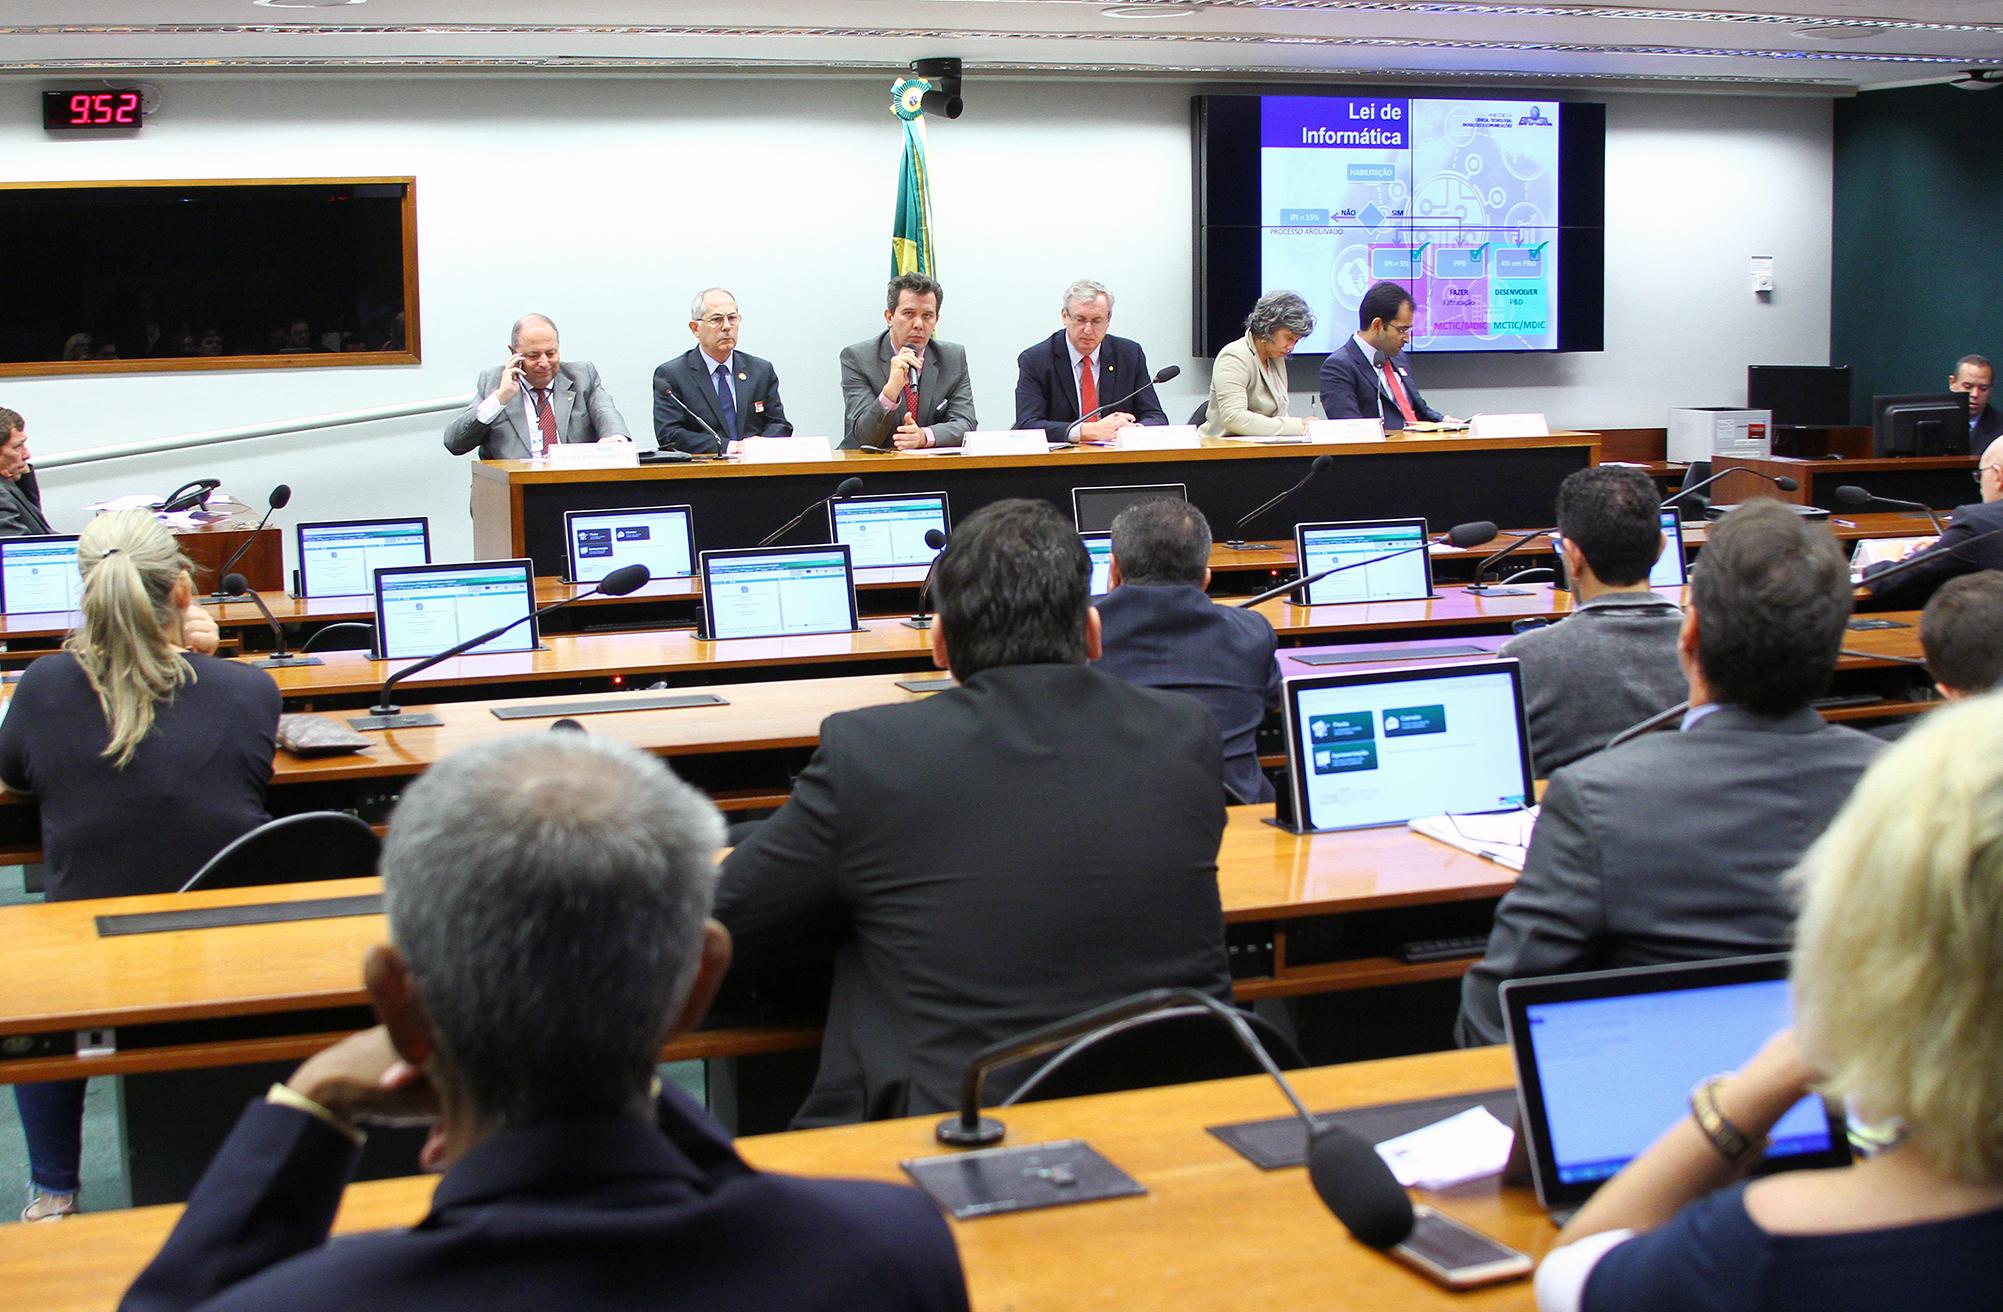 Audiência pública sobre o contencioso entre a Organização Mundial do Comércio (OMC) e o Brasil sobre a política industrial do país, incluindo a Lei de Informática